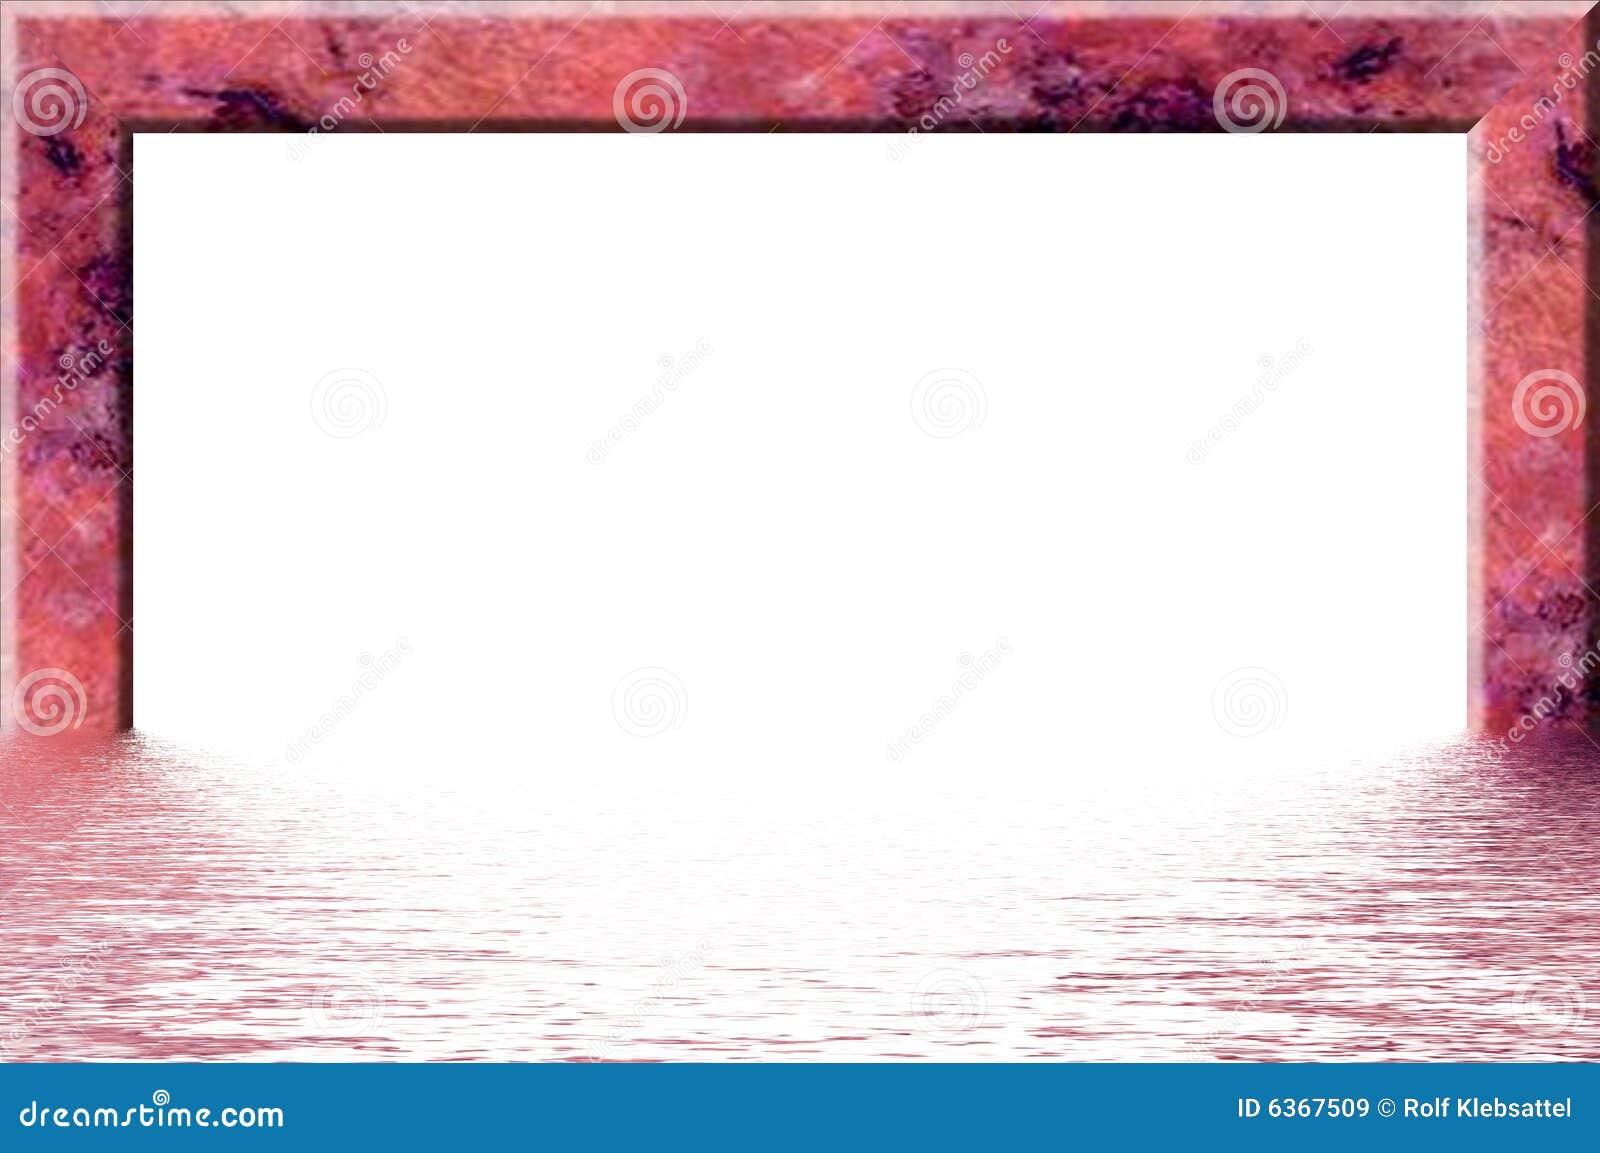 Frame stock illustration. Illustration of backgrounds - 6367509